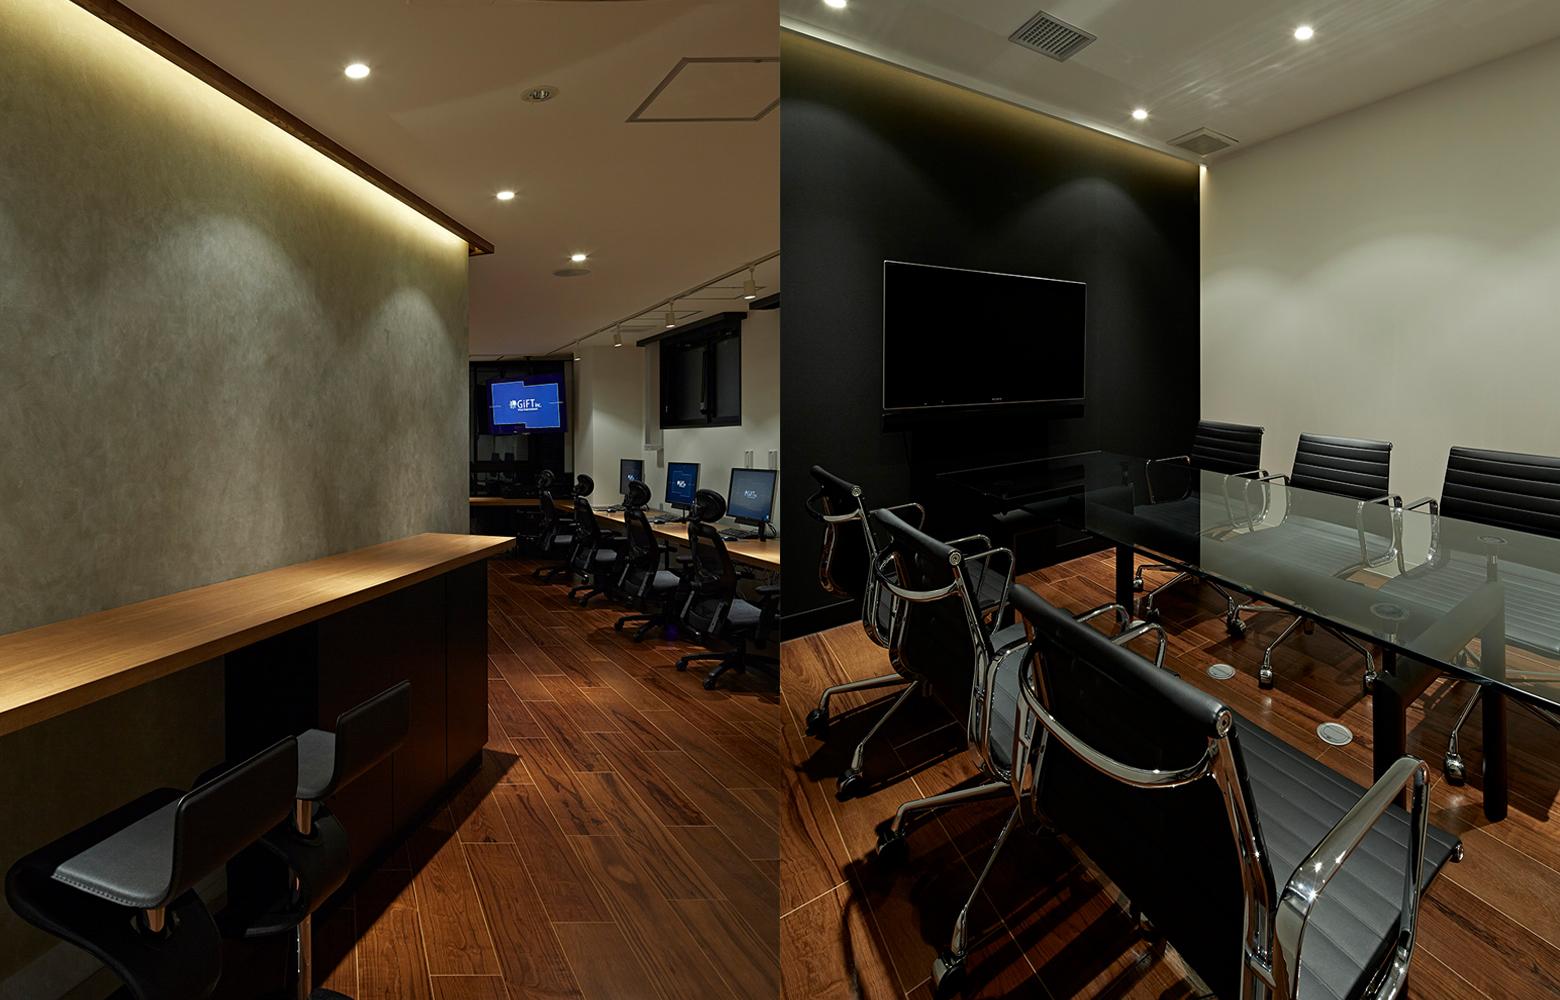 株式会社ギフト Counter & Meeting Room デザイン・レイアウト事例